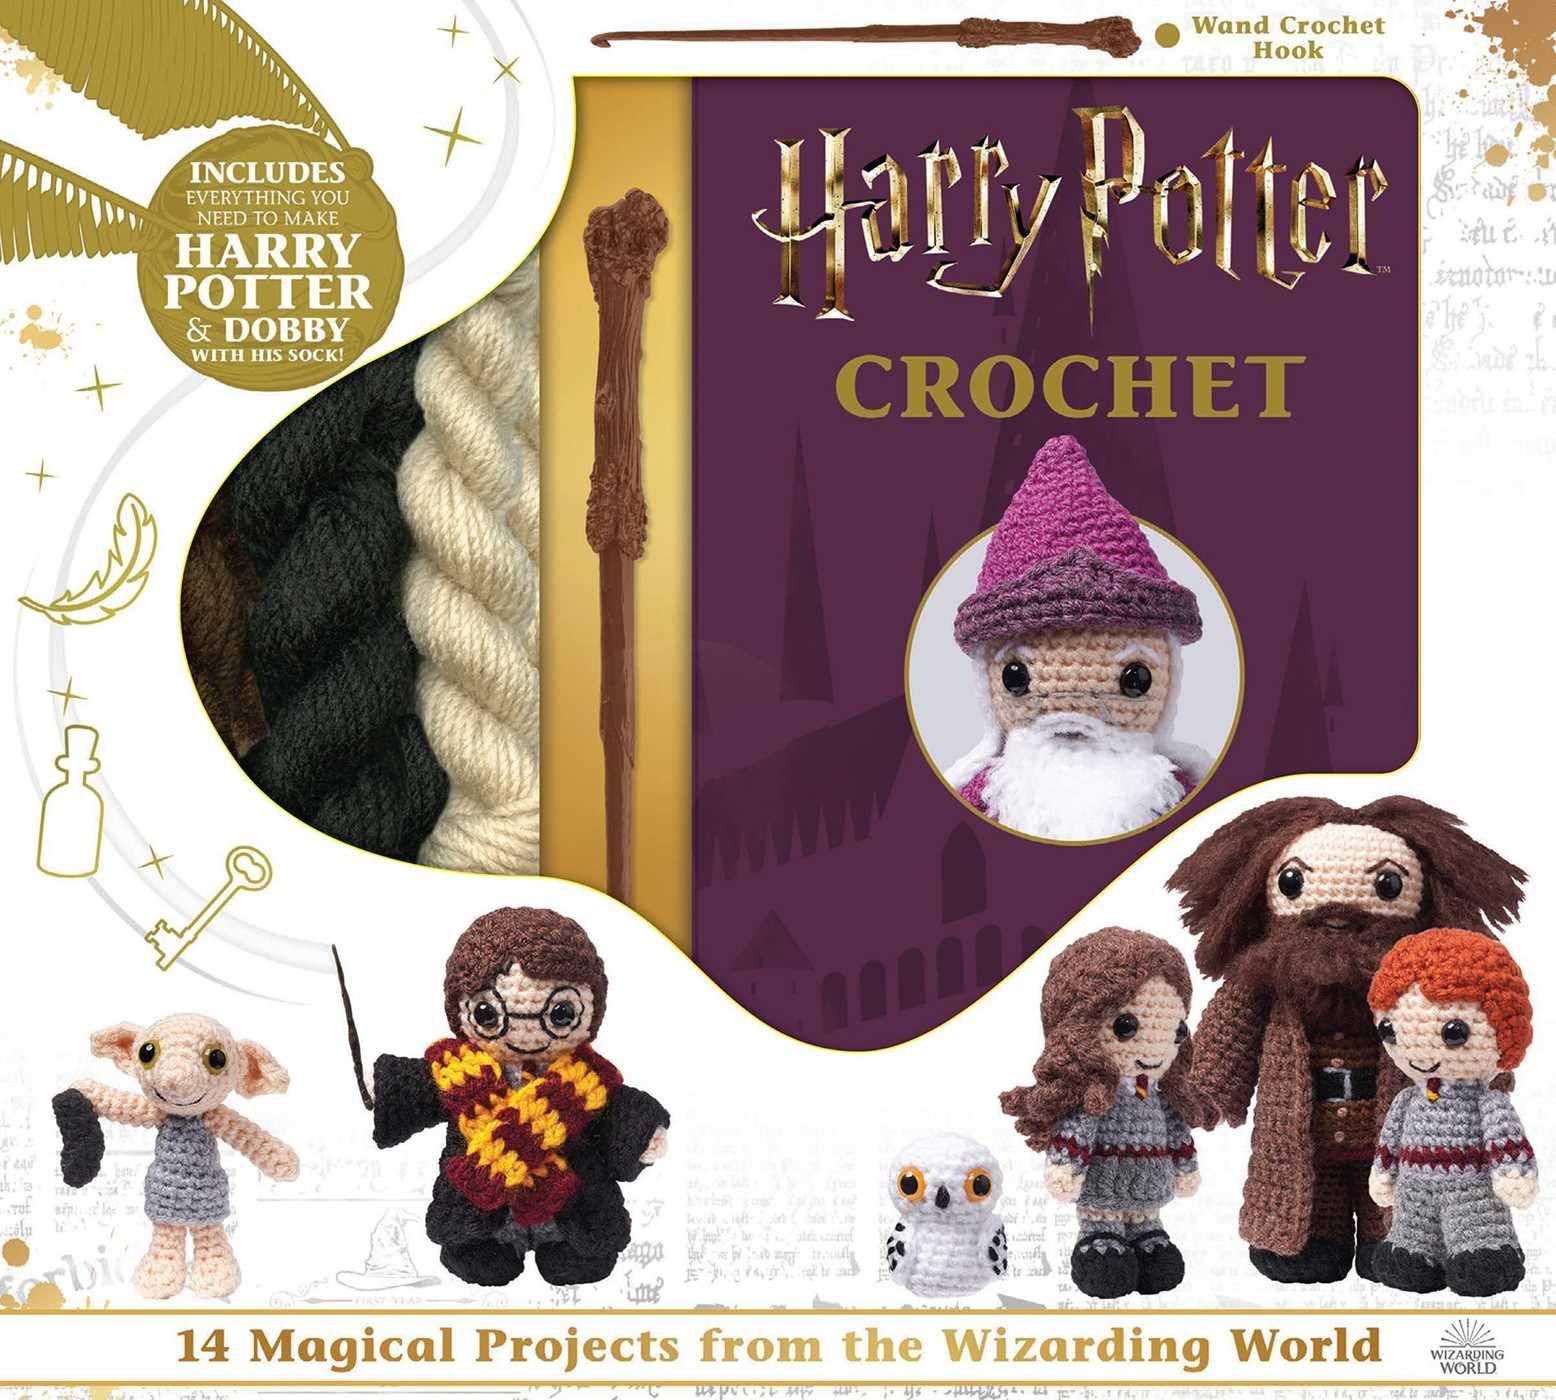 Wikigurumi.hedwig | Hibou tricoté, Tricot et crochet, Hiboux en ... | 1400x1556